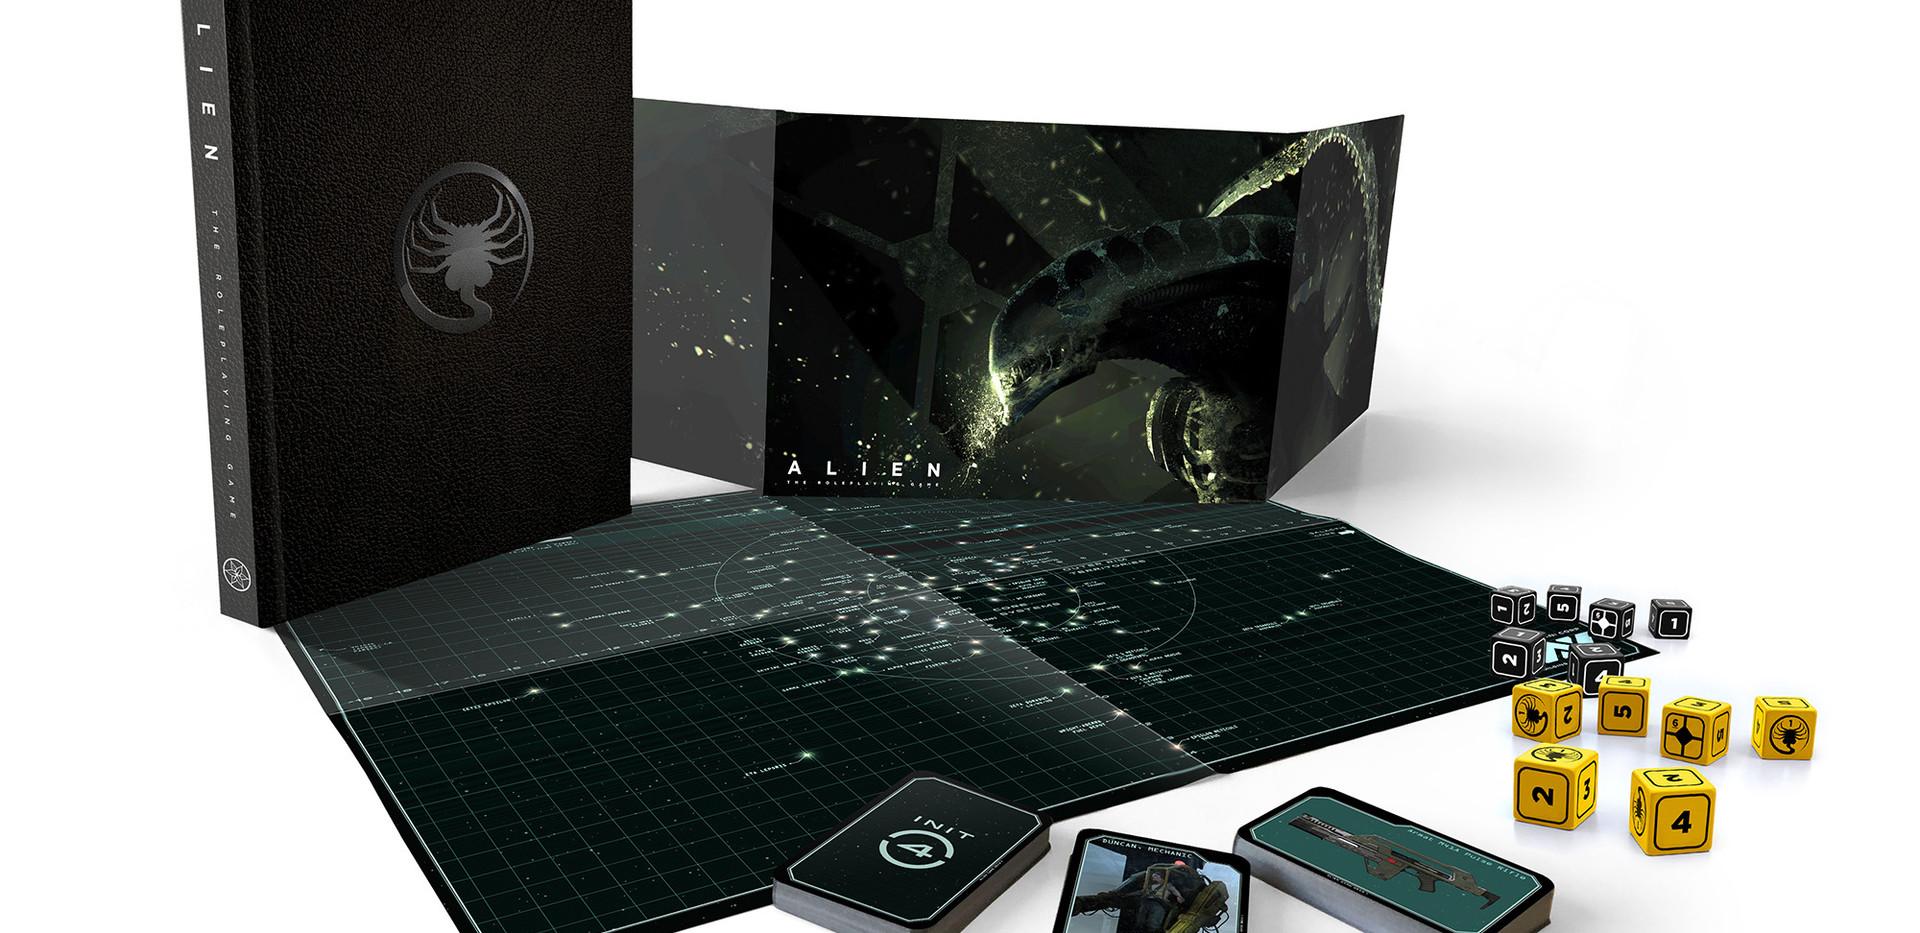 Alien_RPG_Limited_Bundle.jpg